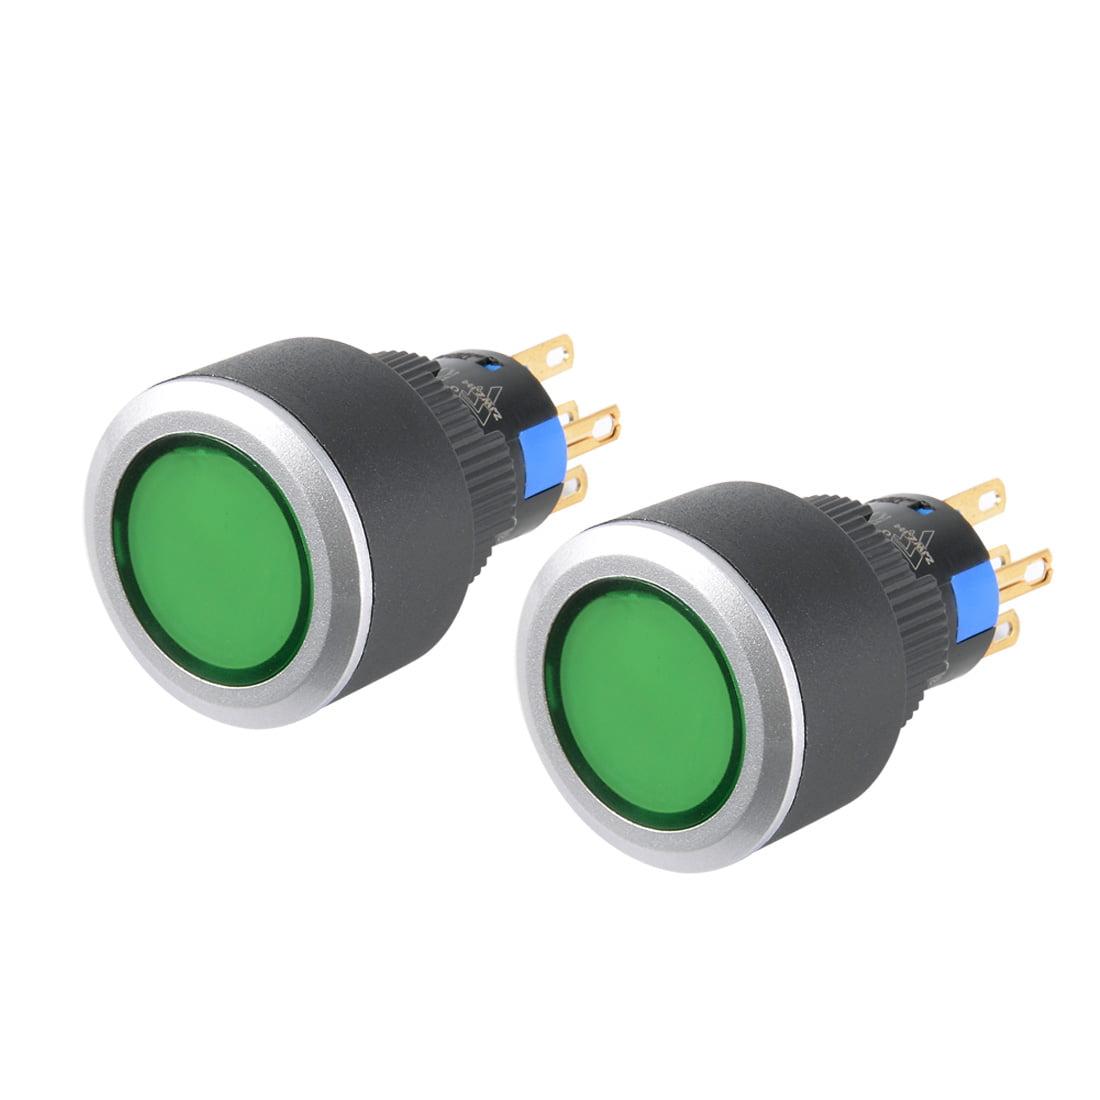 Unique Bargains 2pcs AC 250V 5A 5P SPDT Momentary Pushbutton Switch Green Round Button w Light - image 6 de 6